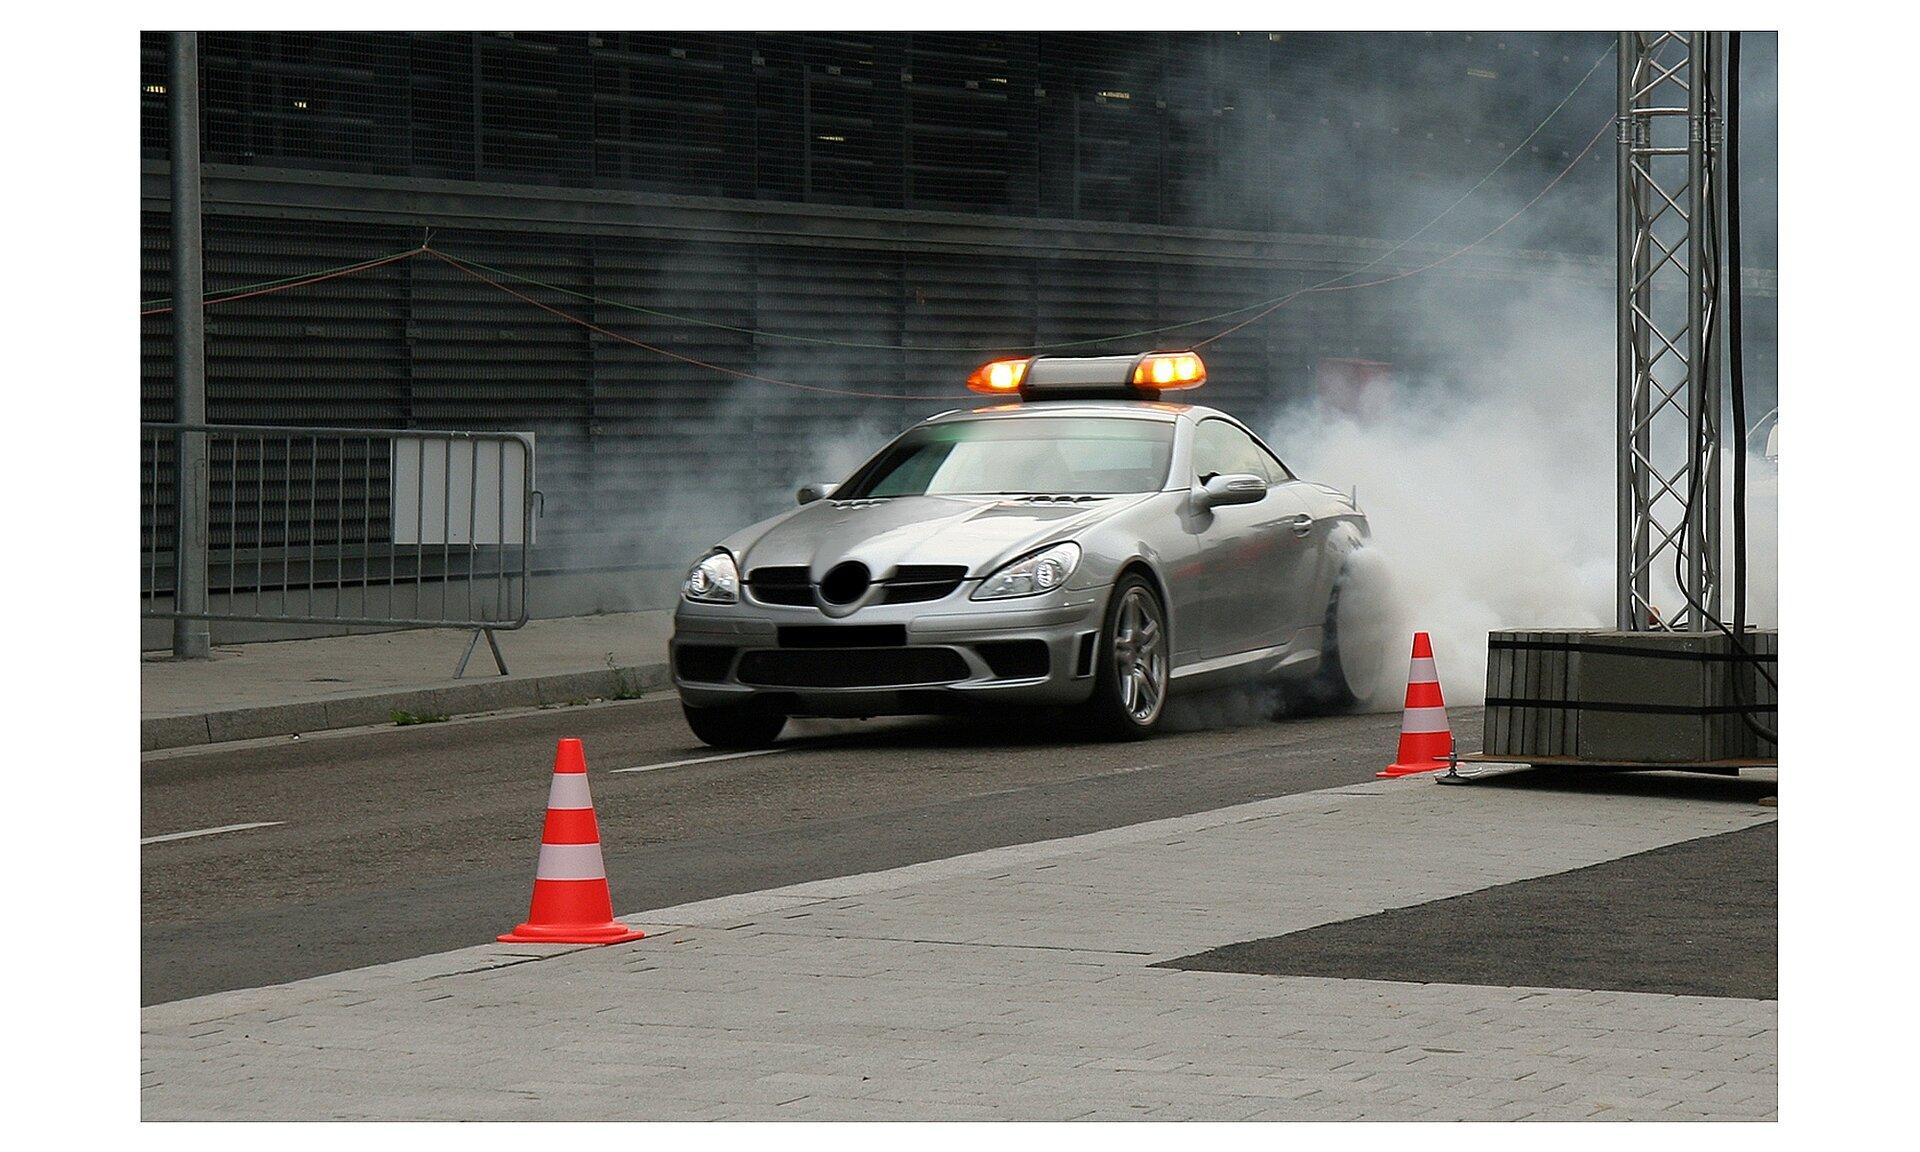 Zdjęcie przedstawia sportowy samochód. Samochód srebrnoszary. Znajduje się na asfaltowej drodze. Zokolic tylnych kół wydobywa się smuga dymu.